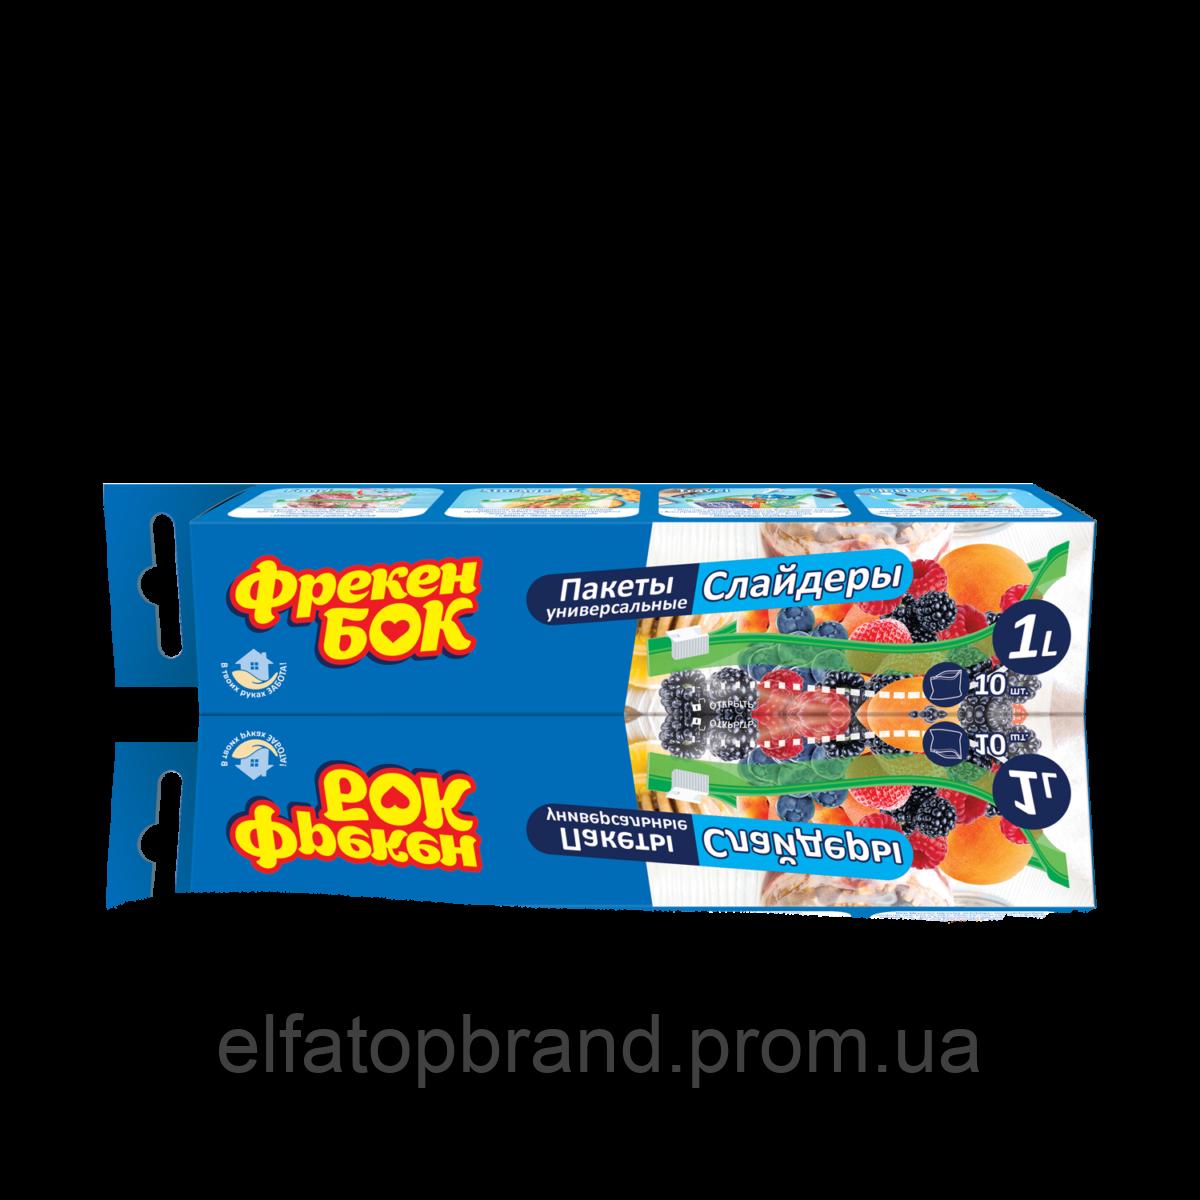 Пакети Зипперы Для Зберігання І Заморожування М Фрекен Бок 10 шт